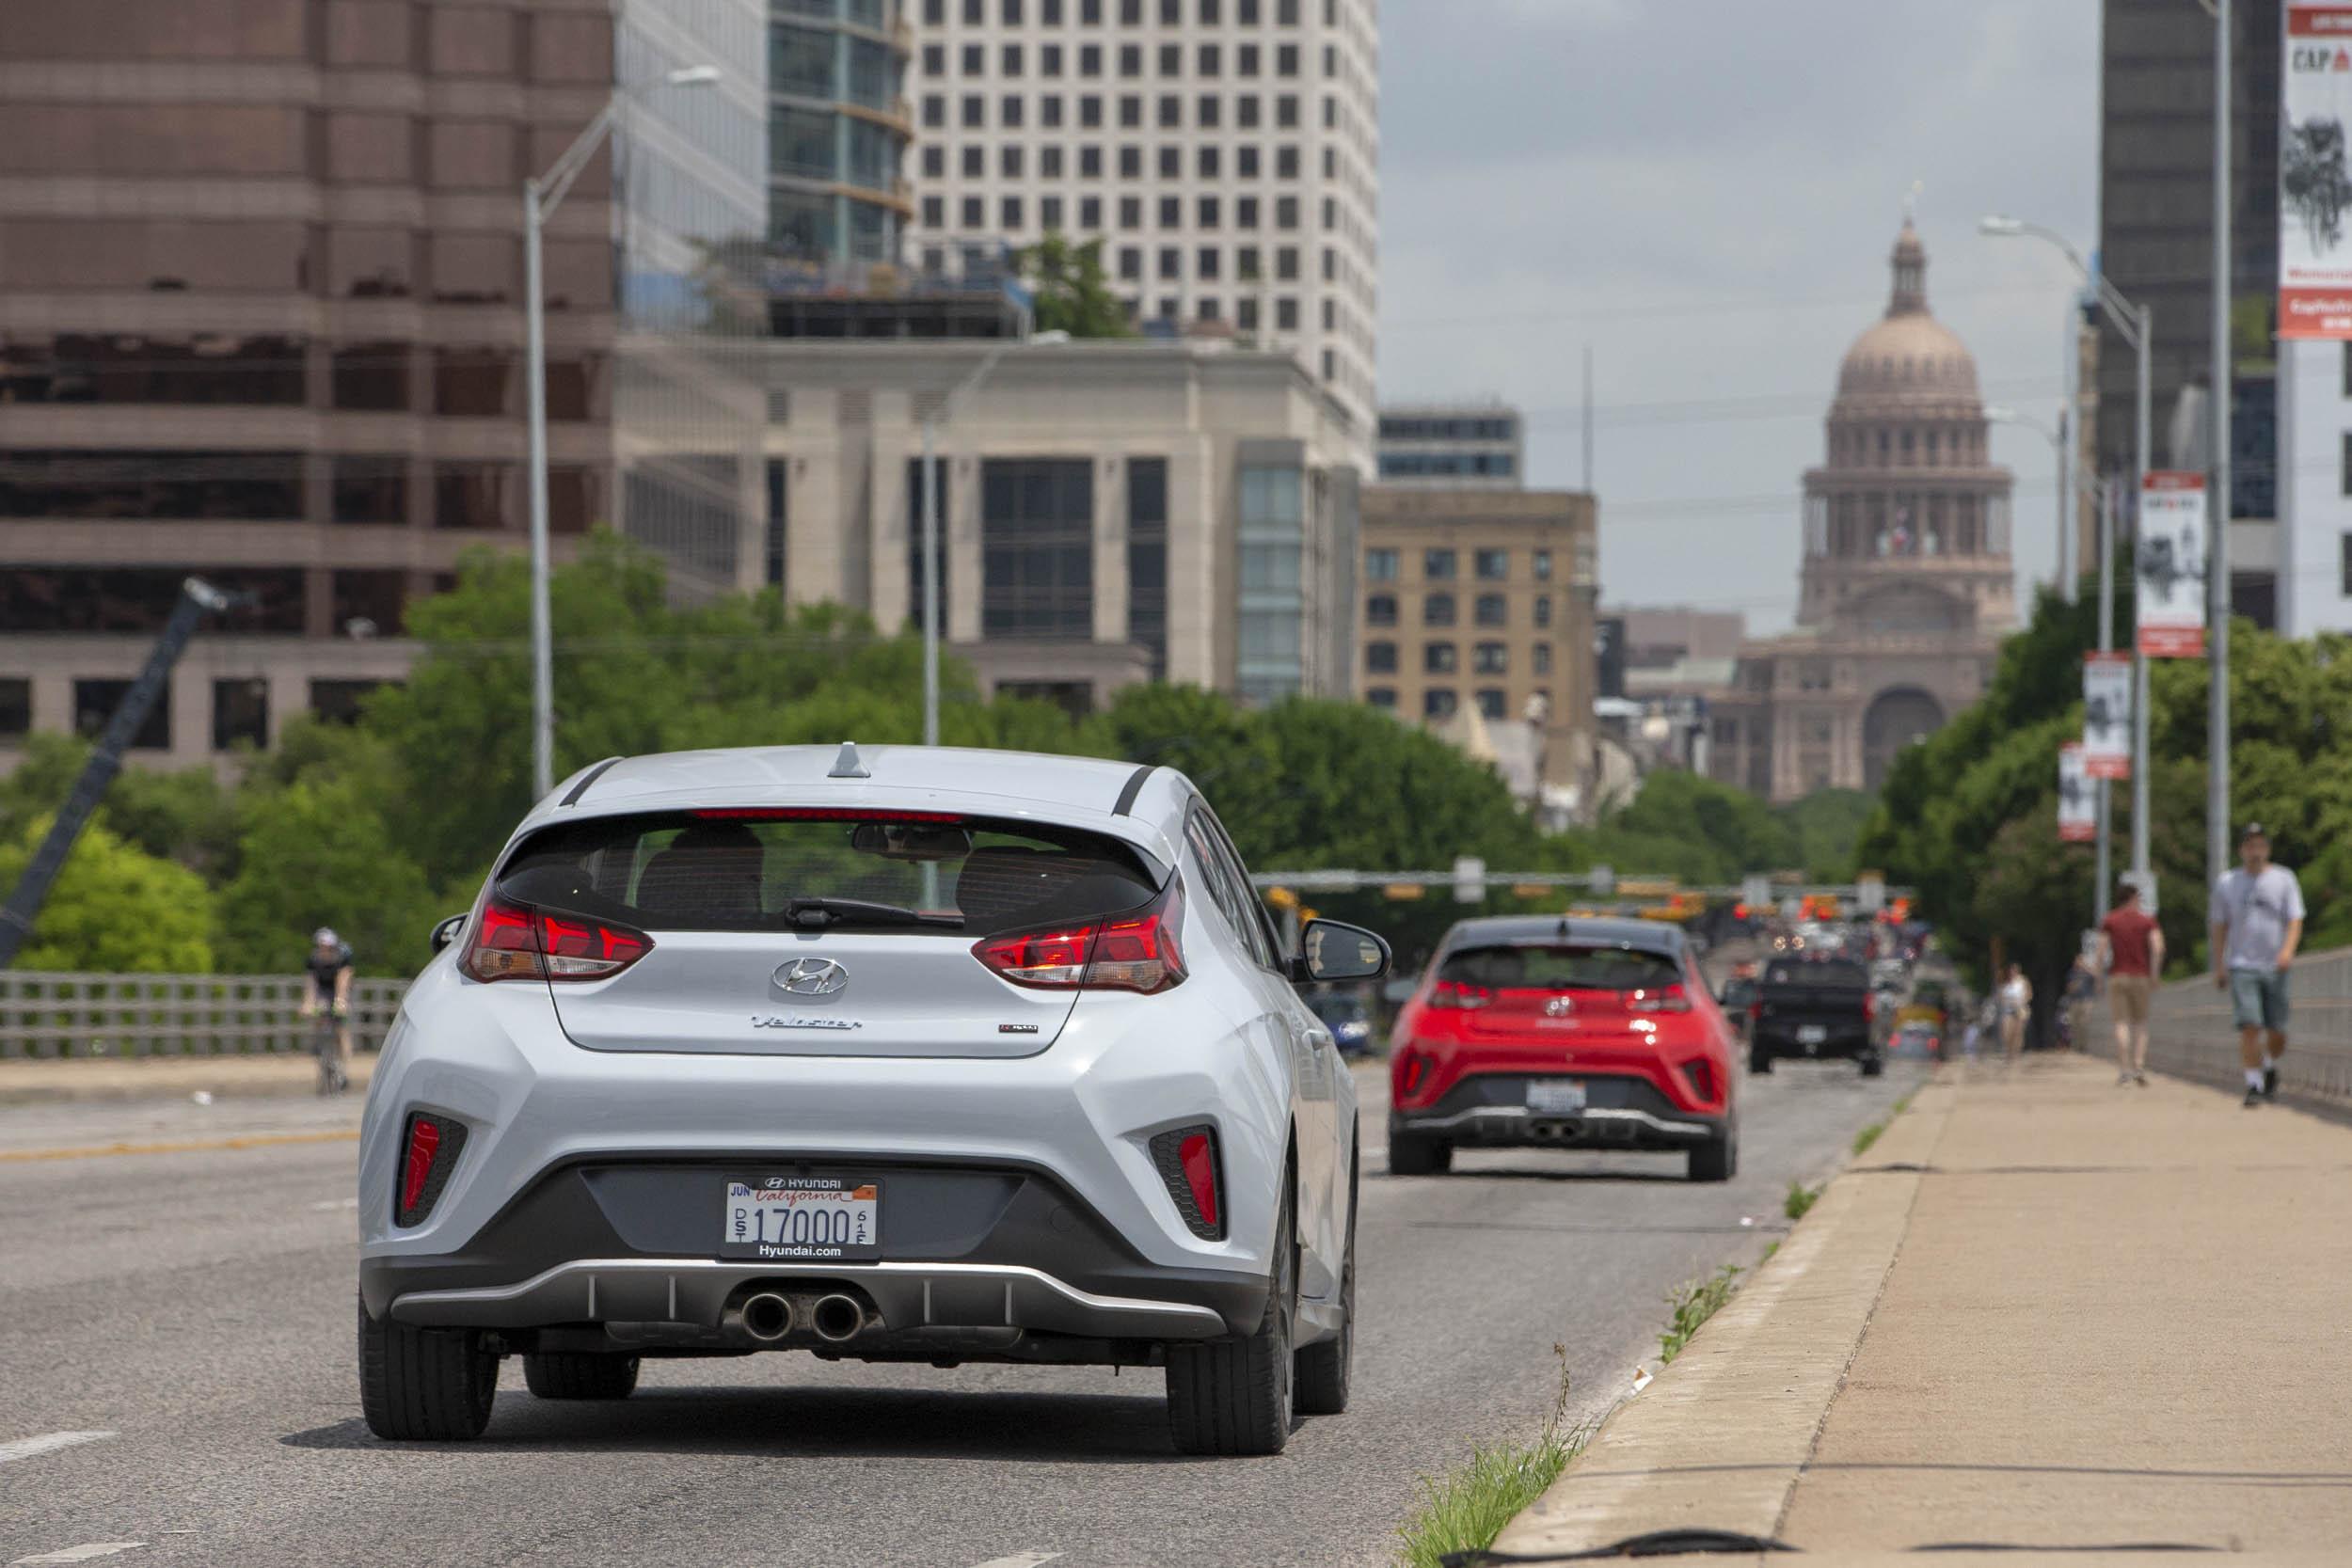 2019 Hyundai Veloster downtown Austin Texas